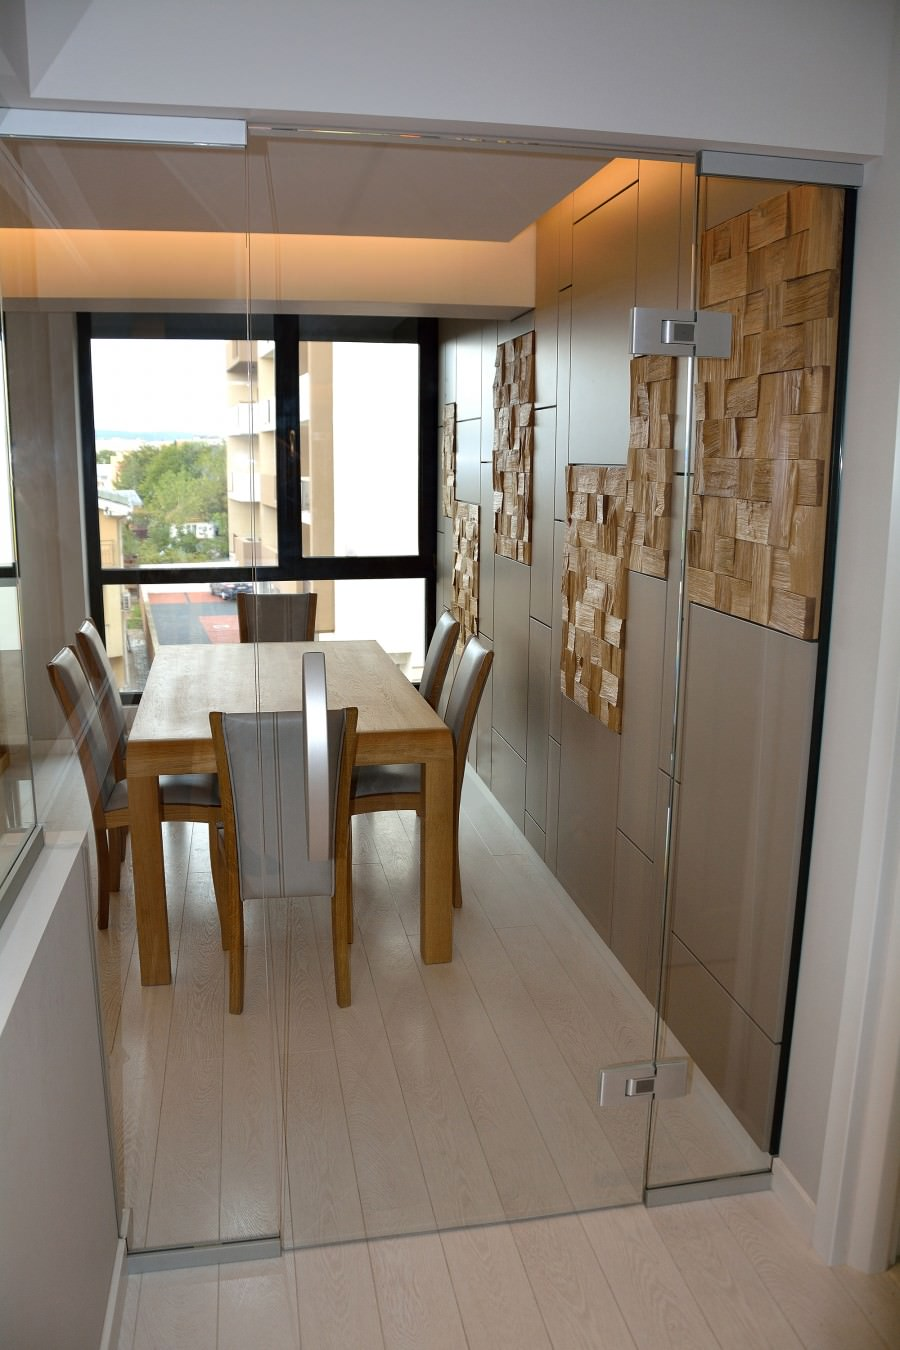 Living modern pe comanda Yulmob cu pereti placati din Mdf Vopsit Mat Gri cu placi din lemn masiv stejar natur si biblioteca cu comoda din lemn masiv si scaune tapitate in piele naturala gri 900x1350 3